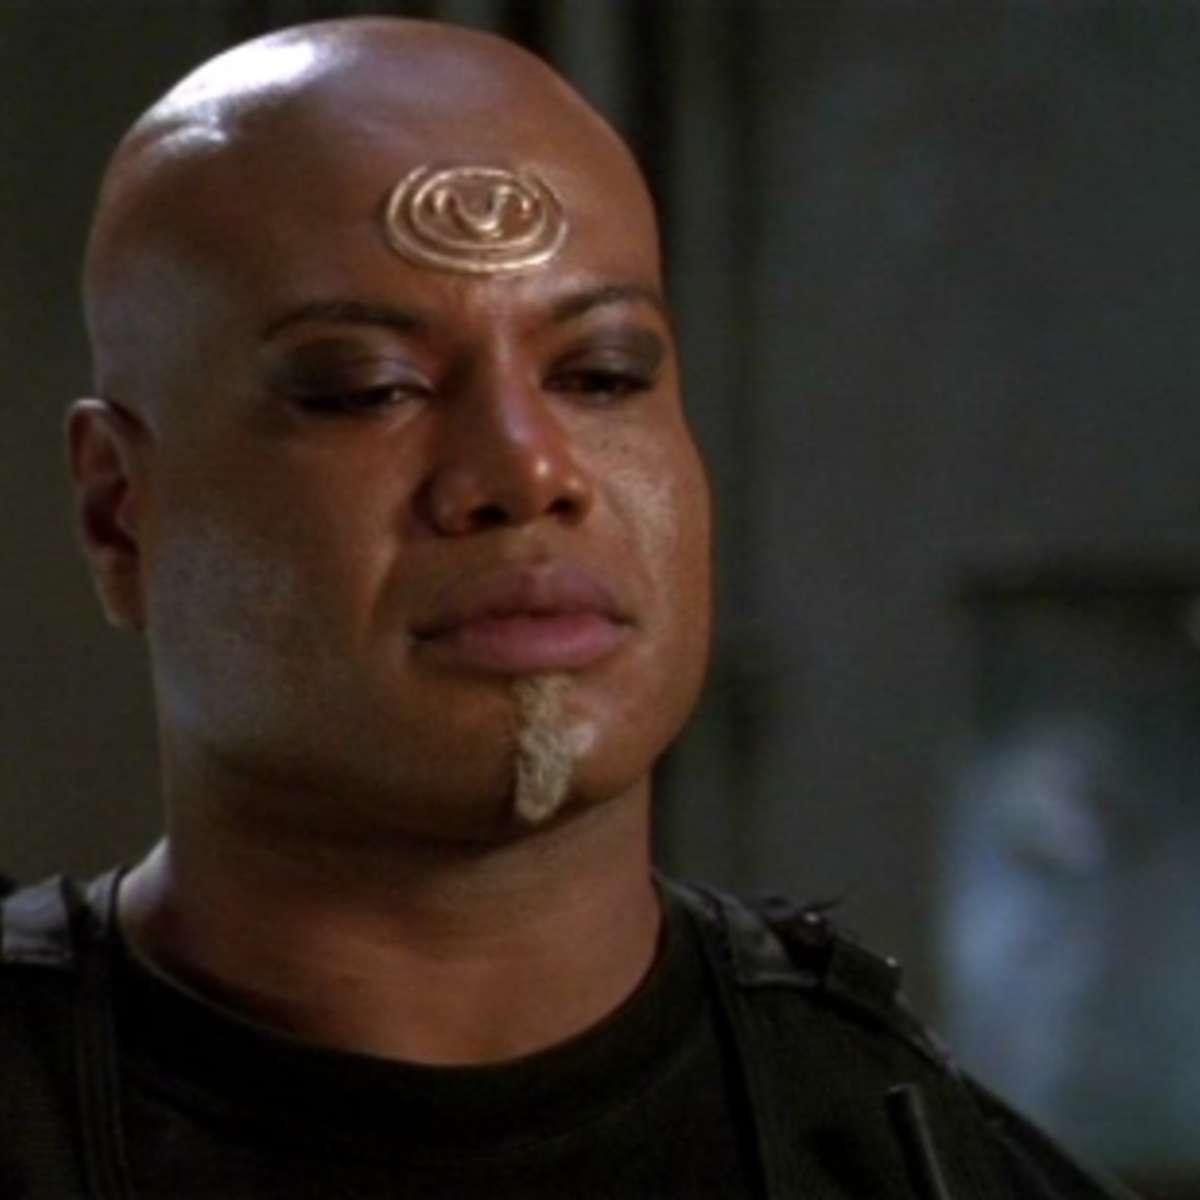 SG-1-S4-Tealc_1.jpg